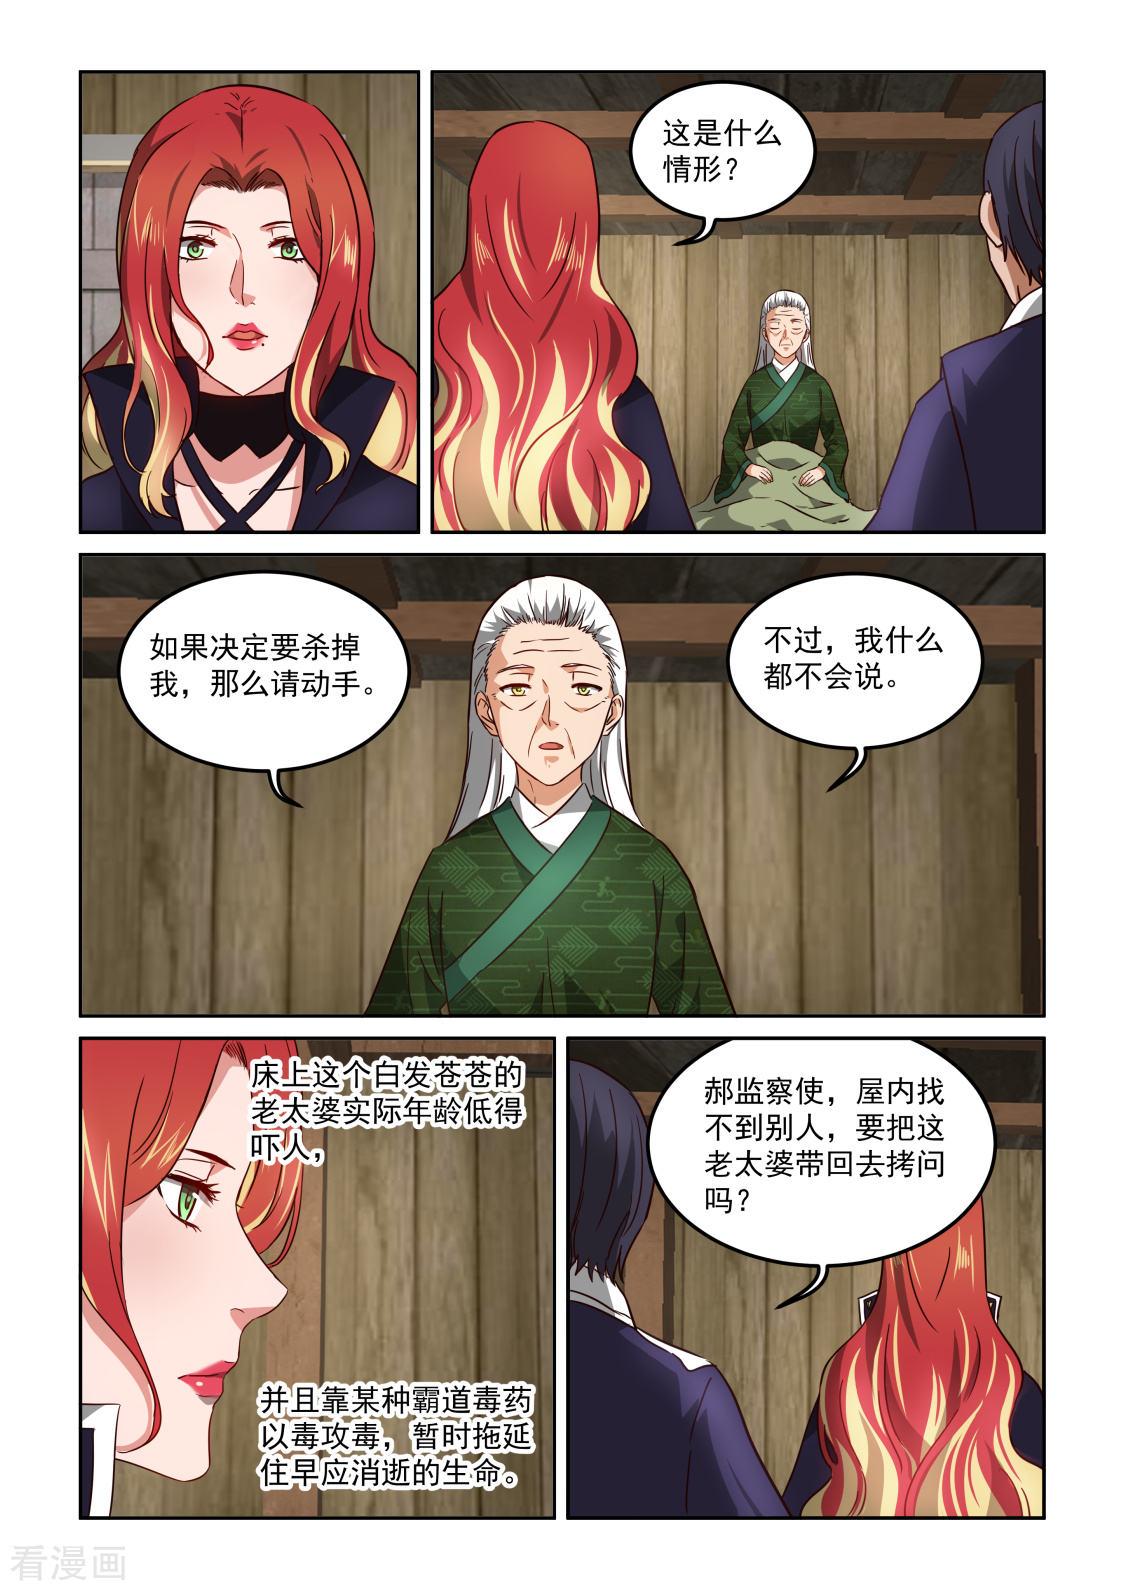 風姿物語: 3季37话 藏匿点危机 - 第7页